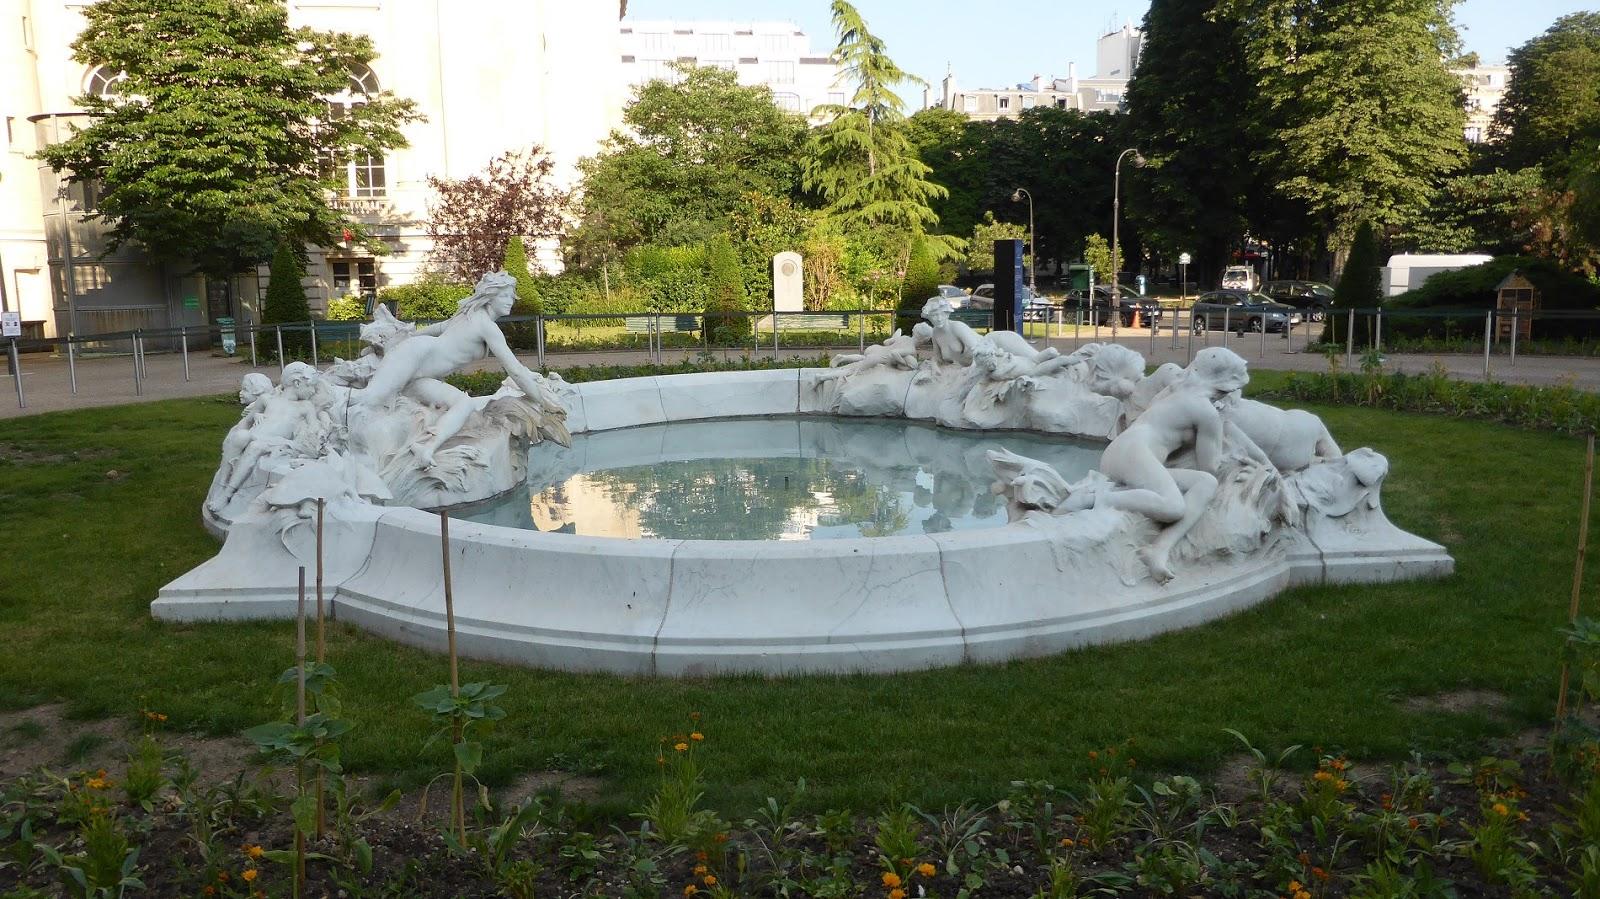 Ce Bassin De Marbre Blanc Représente La Seine Et Ses Affluents, Dans Un  Style Art Nouveau Parfaitement Adapté Au Voisinage Du Grand Palais.